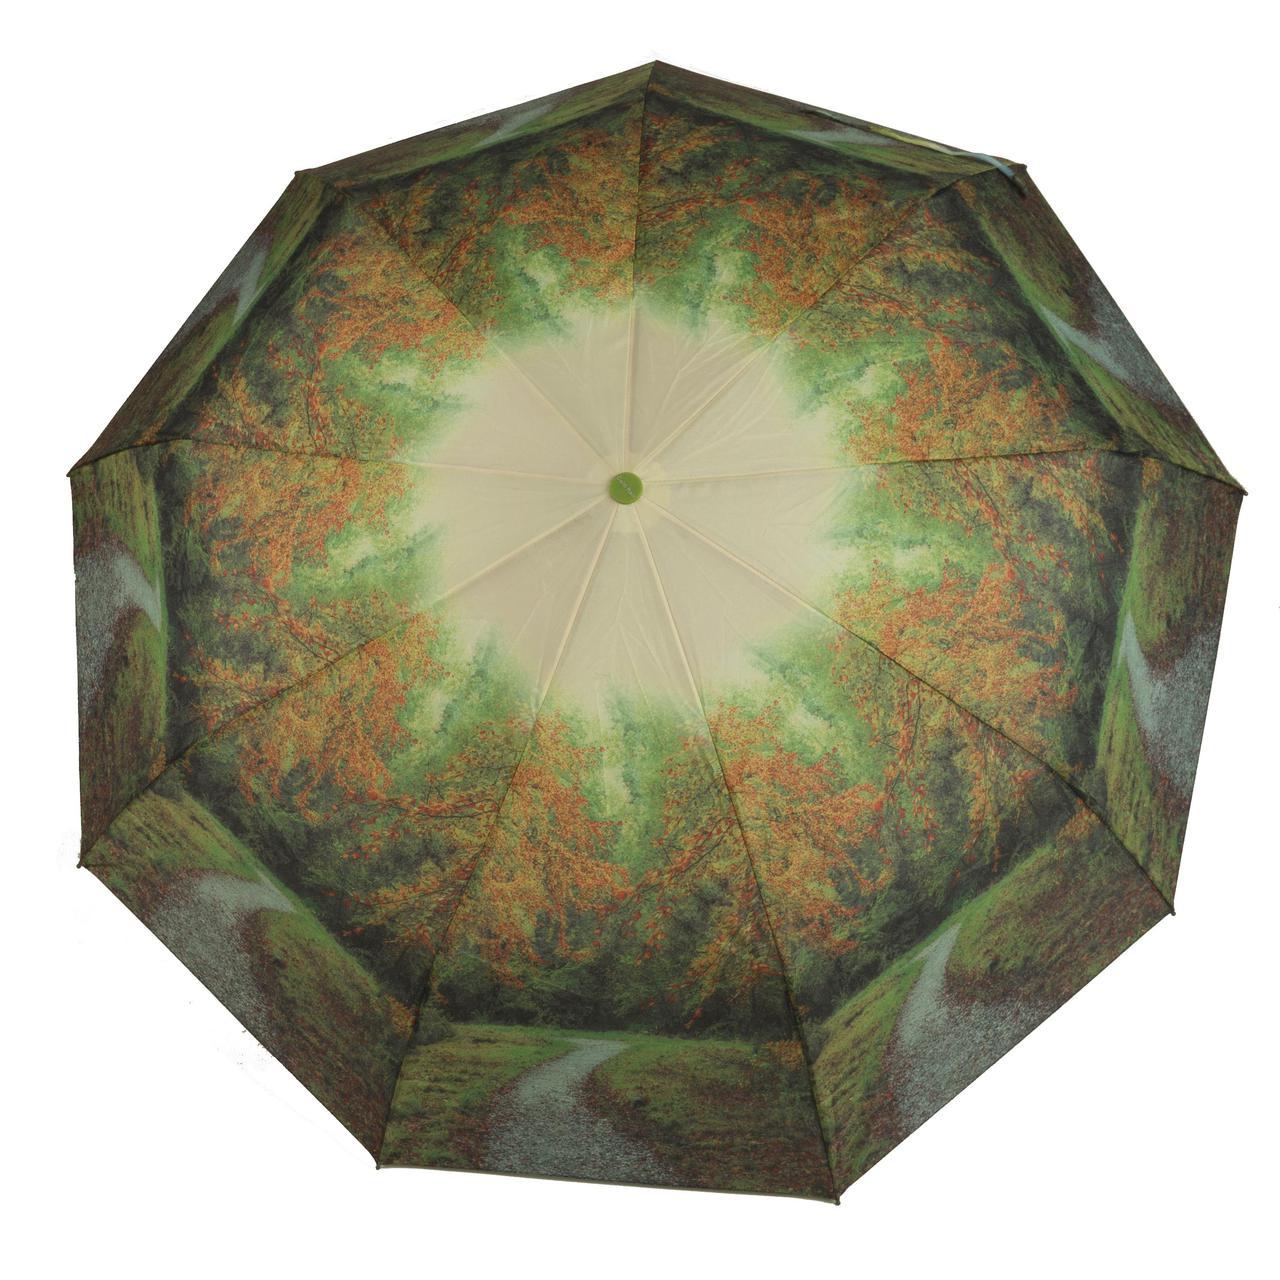 Женский симпатичный прочный зонтик автомат с ярким принтом CALM RAIN  art. 490 природа (102934)